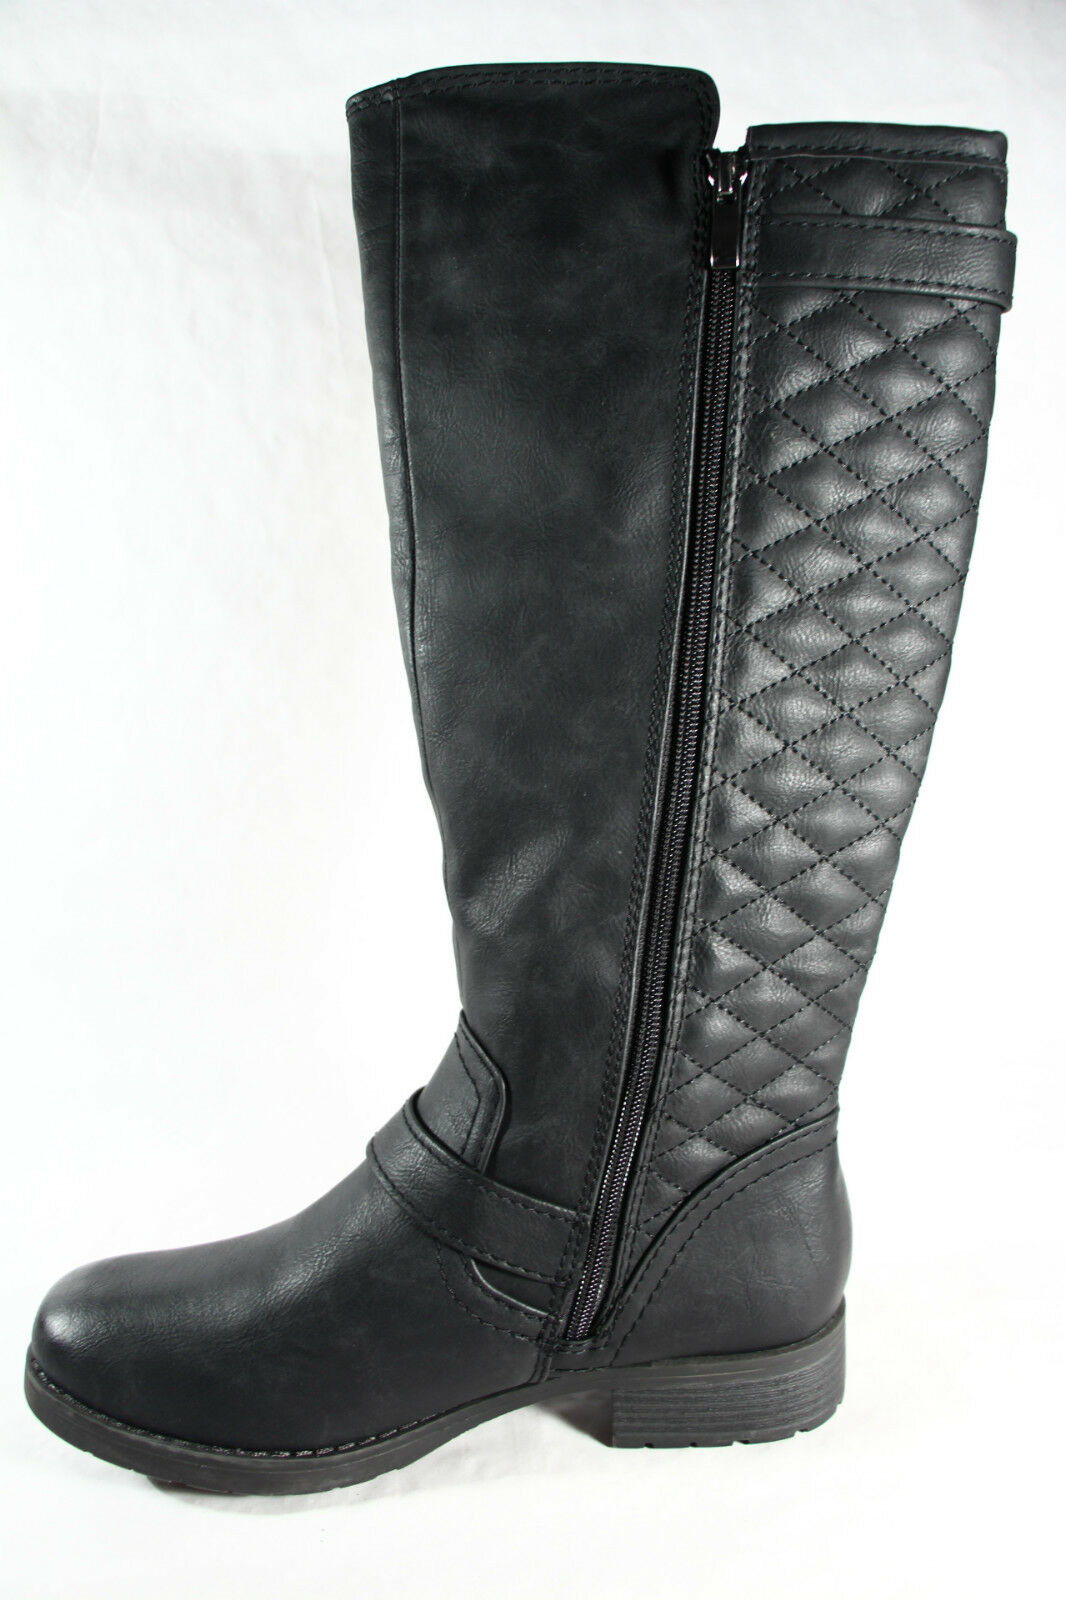 Marco Tozzi Stiefel schwarz,  gefüttert, Schaftweite variabel 25606 NEU  schwarz,  753d28